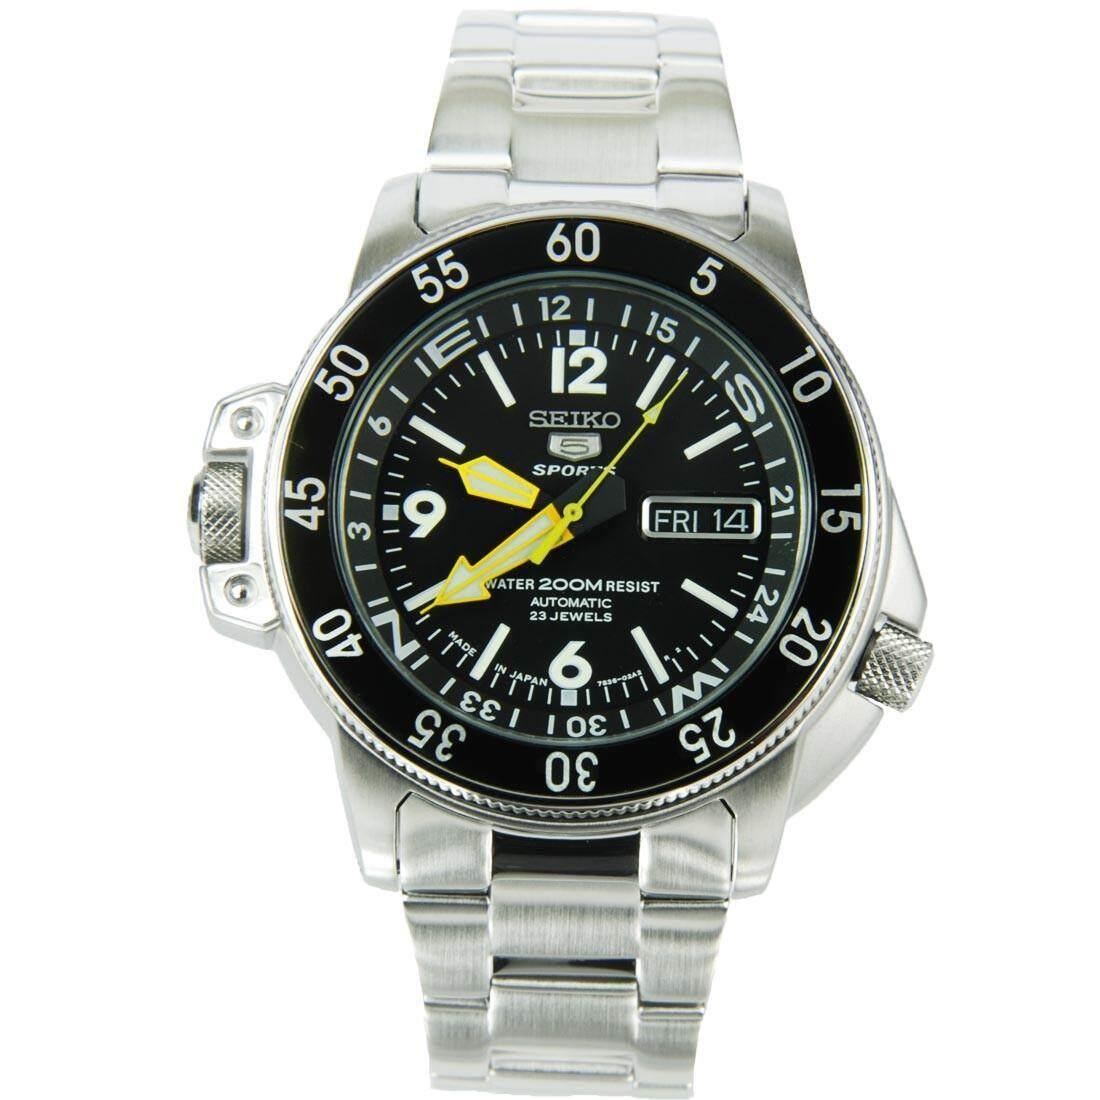 สอนใช้งาน  เชียงราย Seiko นาฬิกาข้อมือผู้ชาย สีเงิน สายสแตนเลส รุ่น SKZ211J1